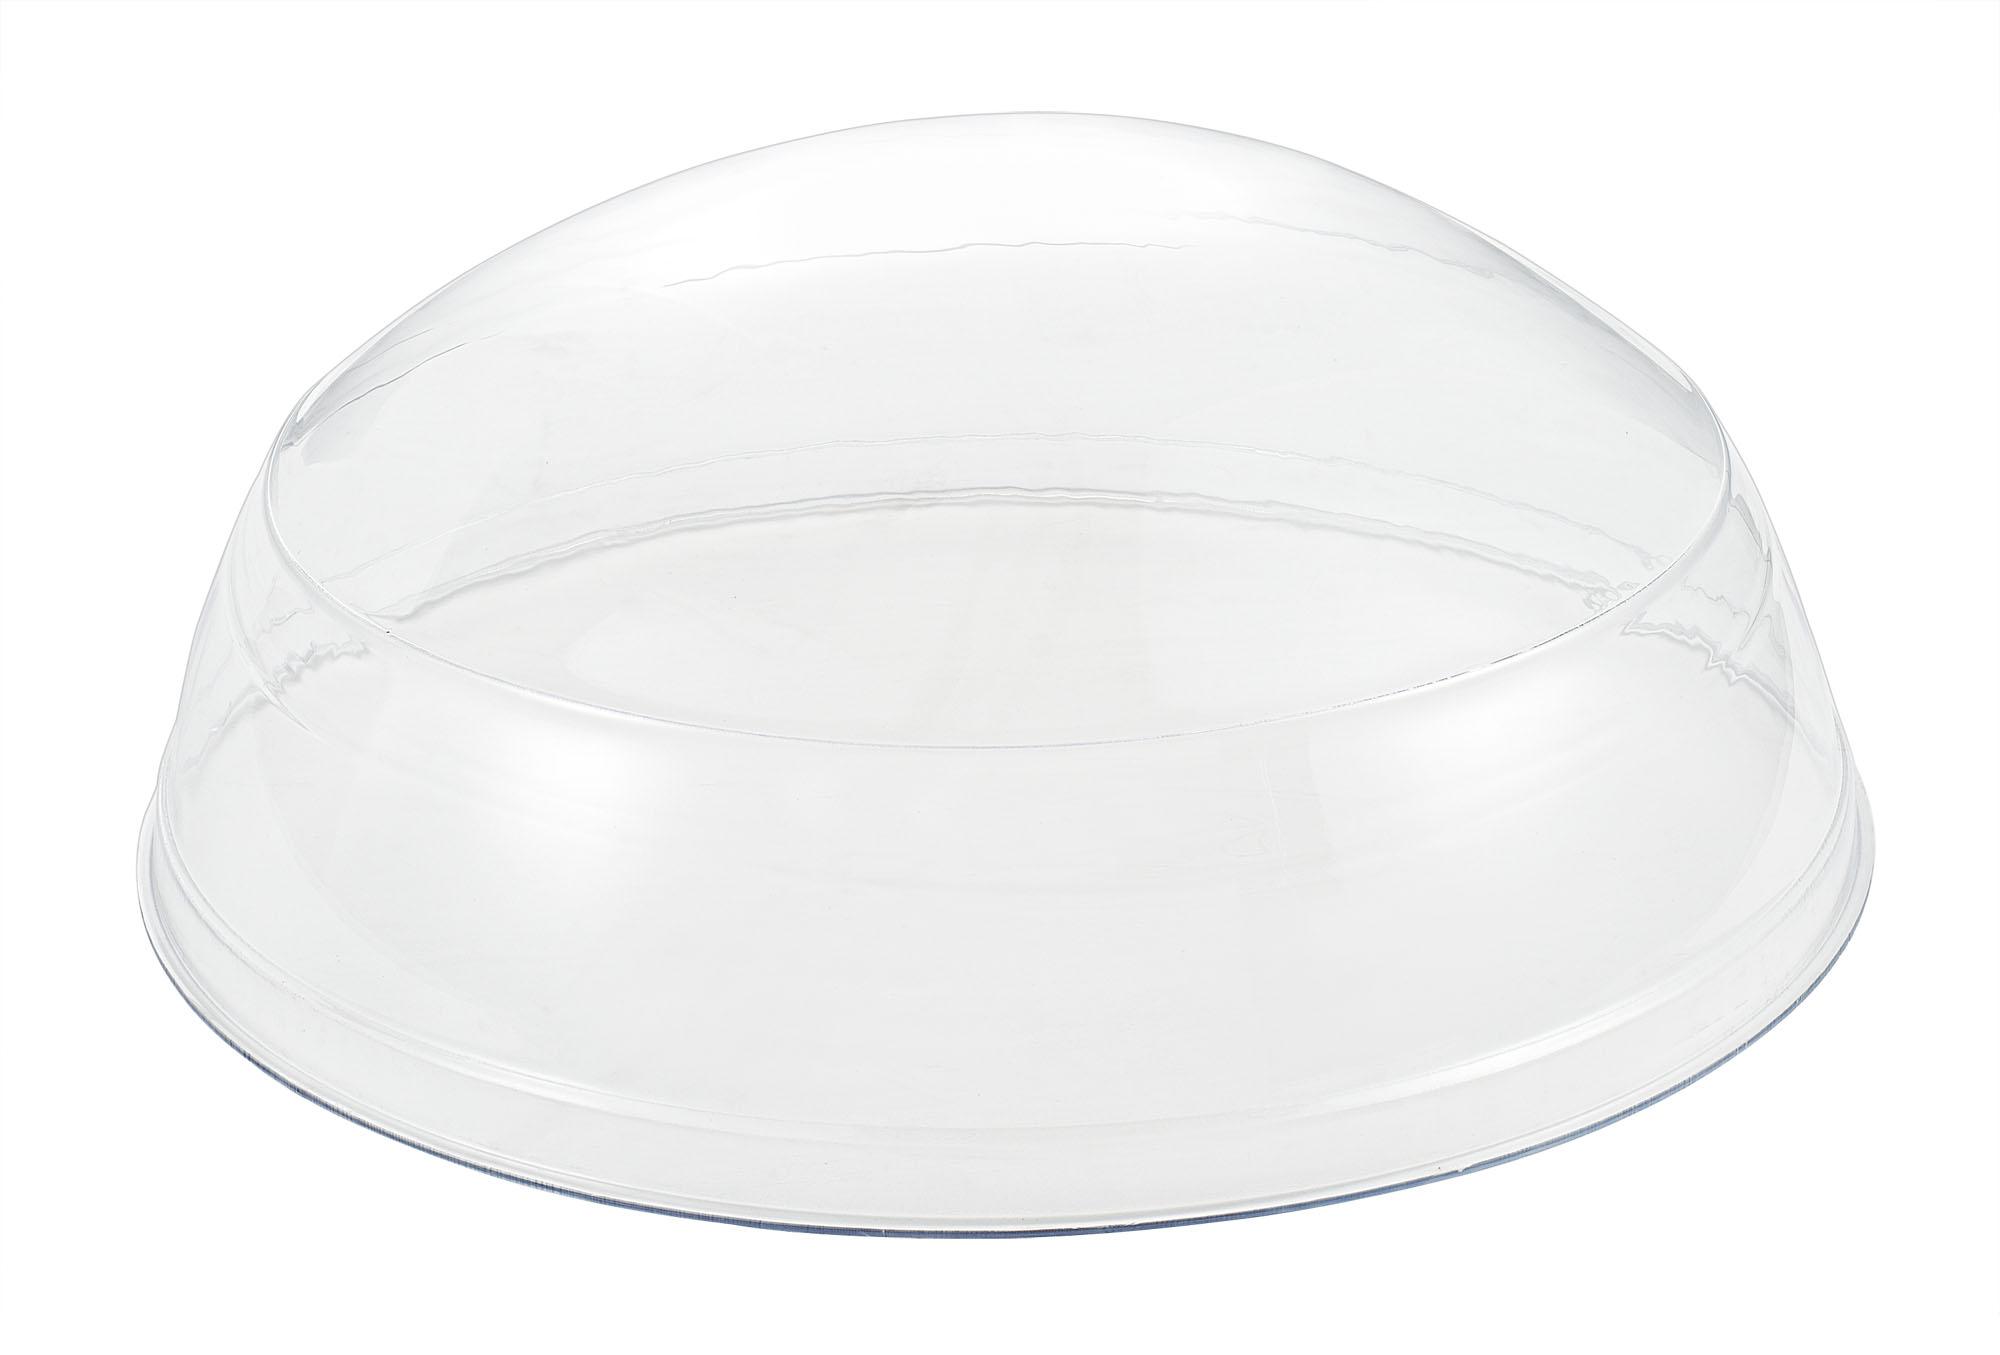 半球形采光罩-光导照明系统